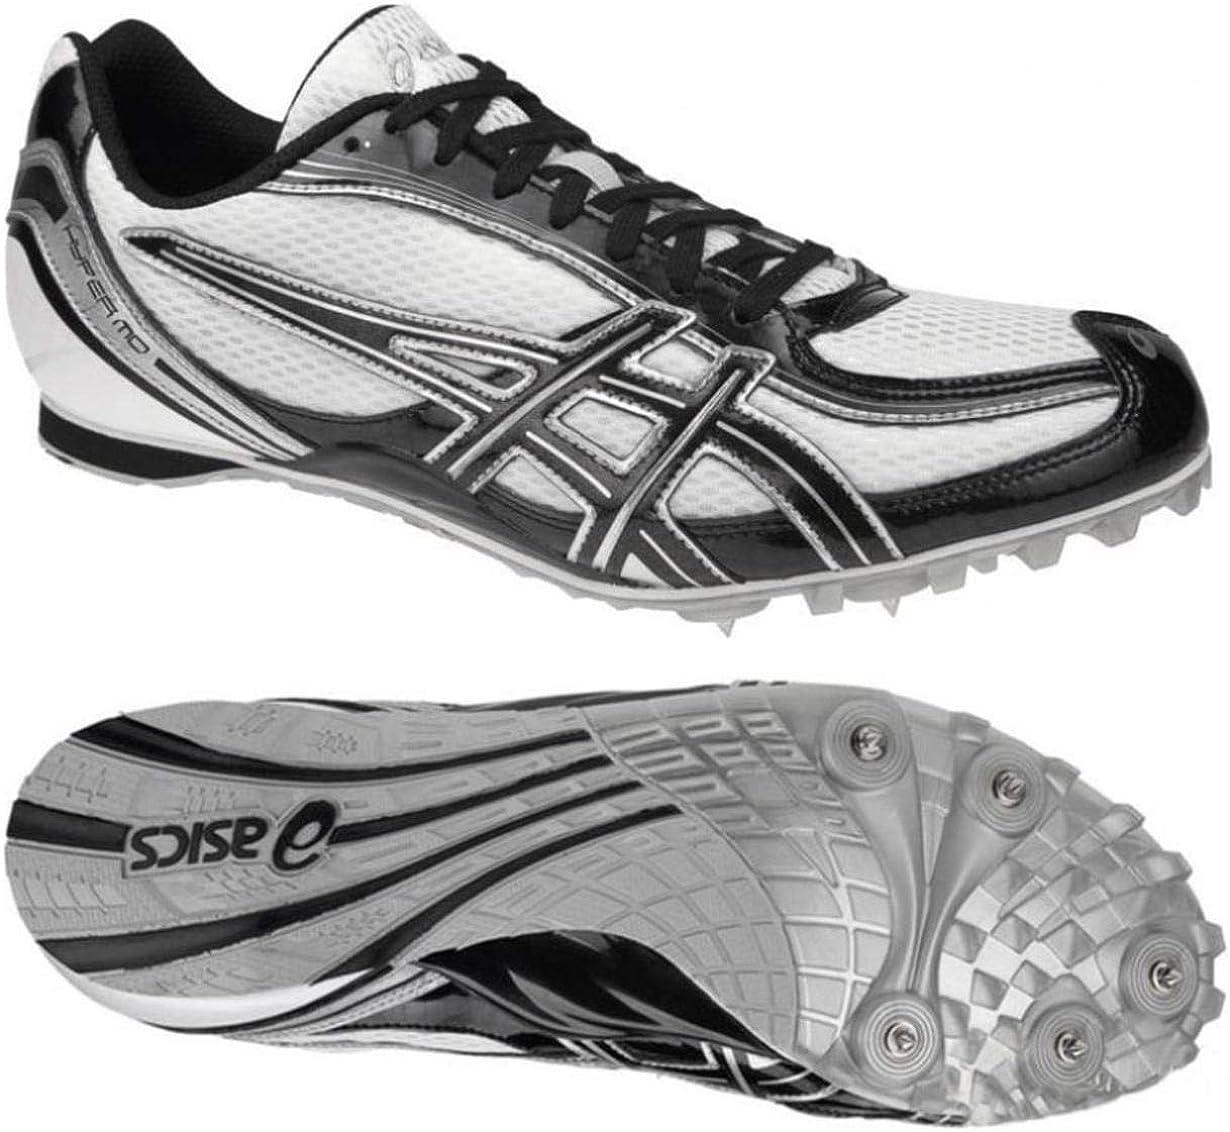 Asics - Zapatillas de Running de Cuero Nobuck para niña, Color Negro, Talla 40 EU: Amazon.es: Zapatos y complementos